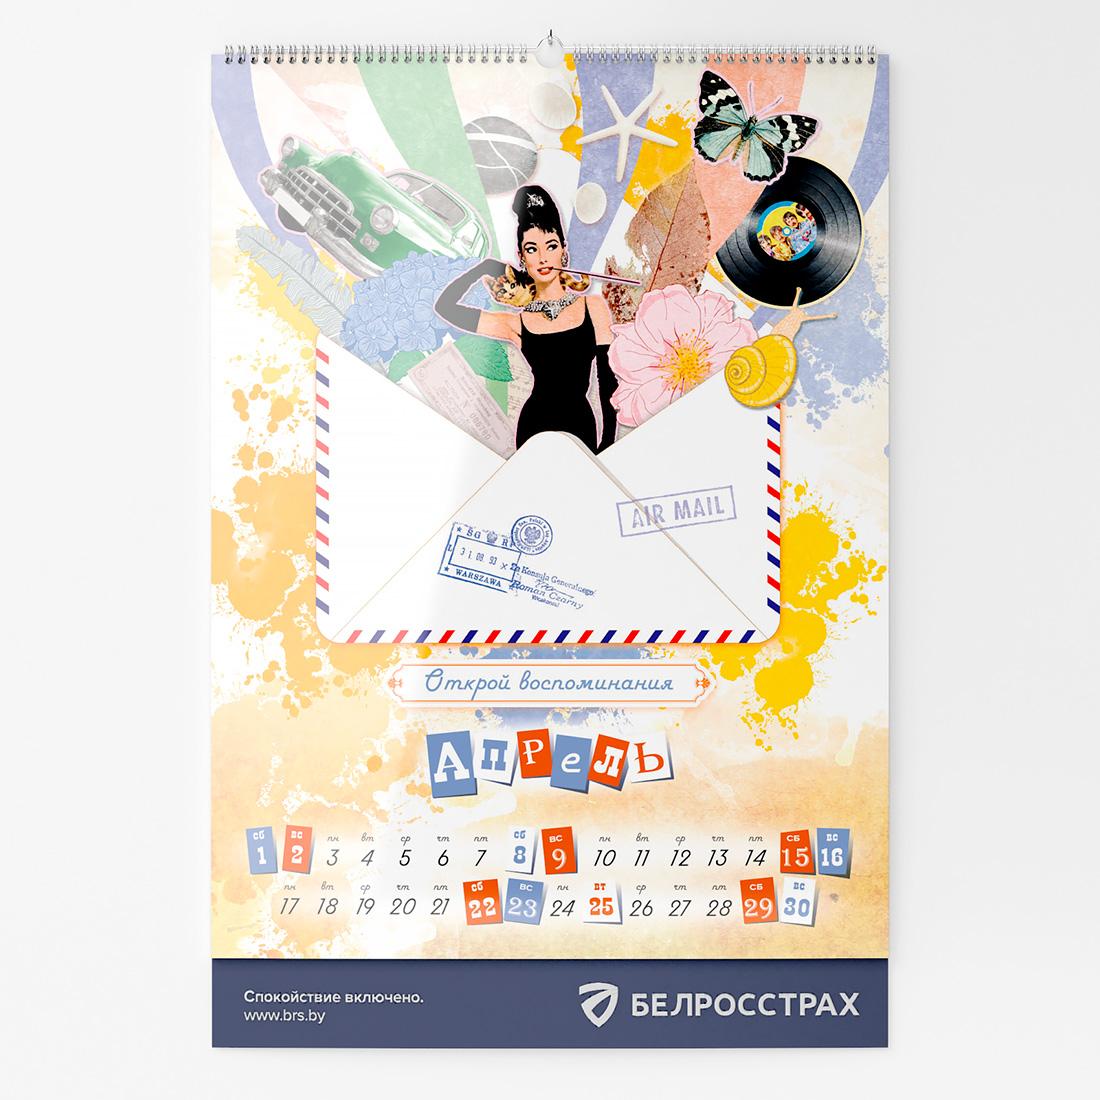 Белросстрах - календарь 2017 «Открытия»